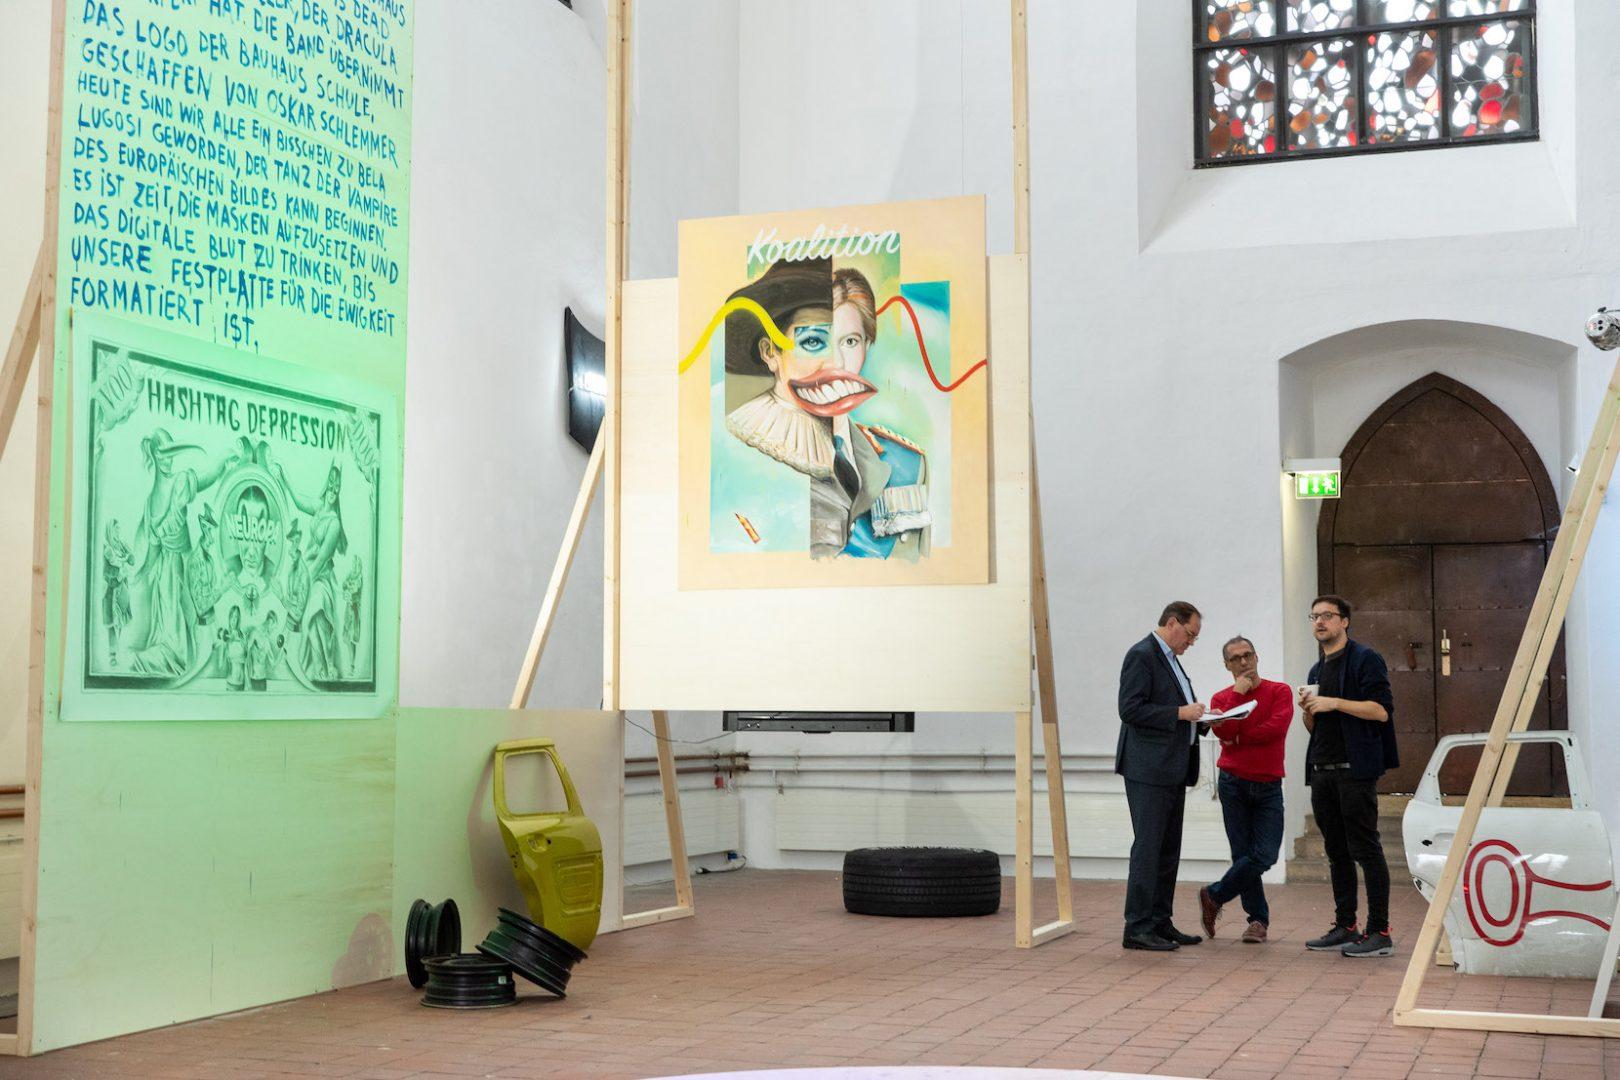 Filip Markiewicz | Celebration Factory, Exhibition View, Kunsthalle Osnabrück, 2019/20. Photo Courtesy: Friso Gentsch / Kunsthalle Osnabrück